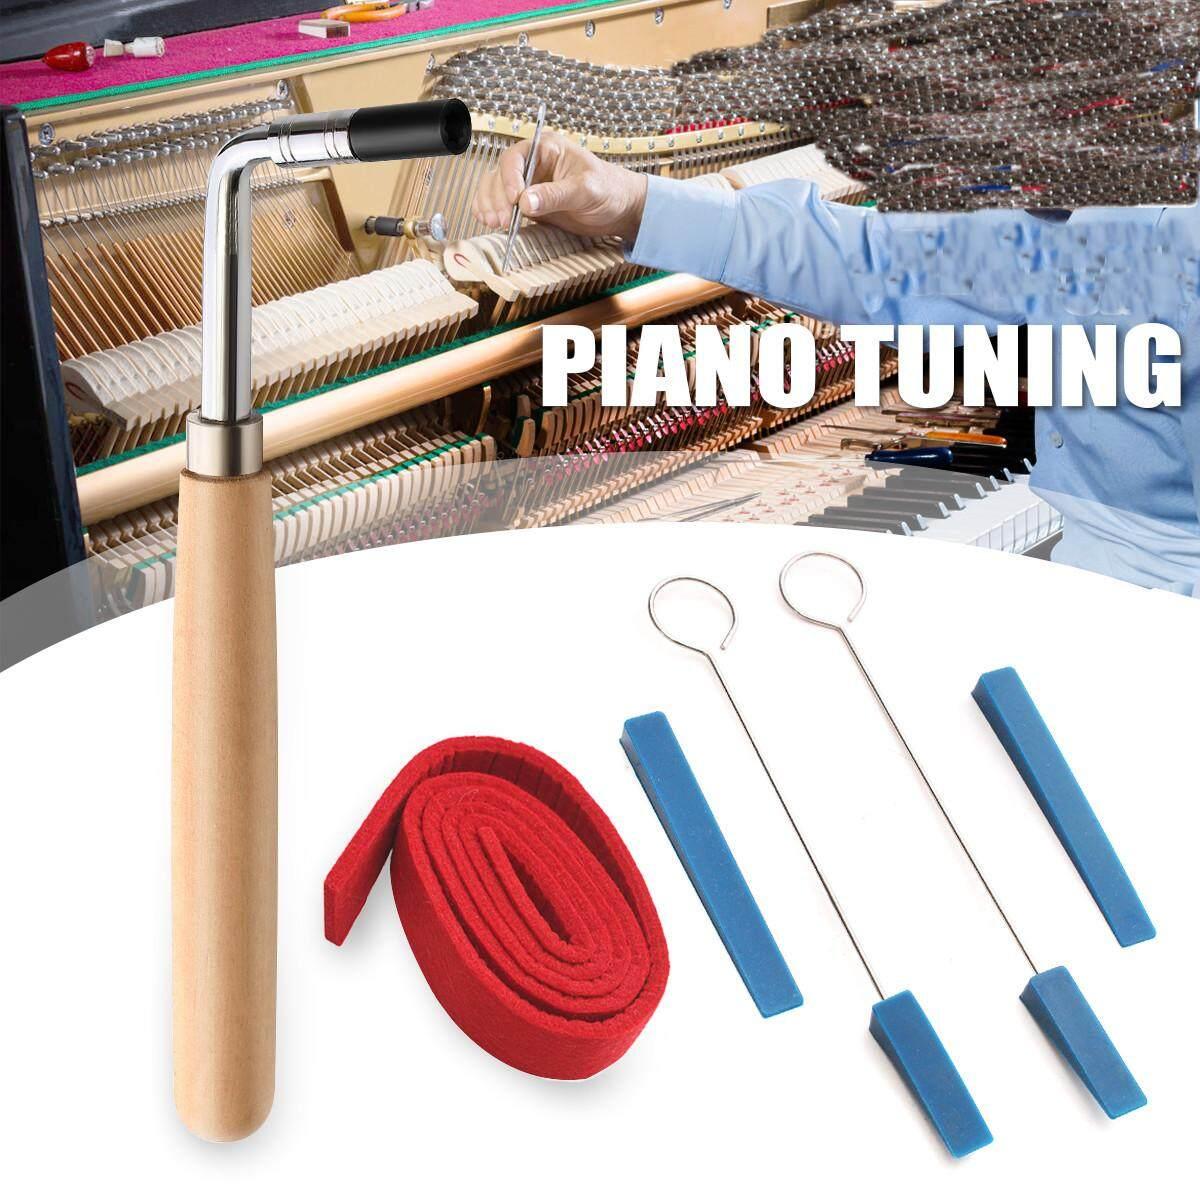 6 cái Đàn Piano chuyên nghiệp Điều Chỉnh dụng cụ bảo trì Bộ Dụng Cụ Cardin Dán Tuốc Nơ Vít